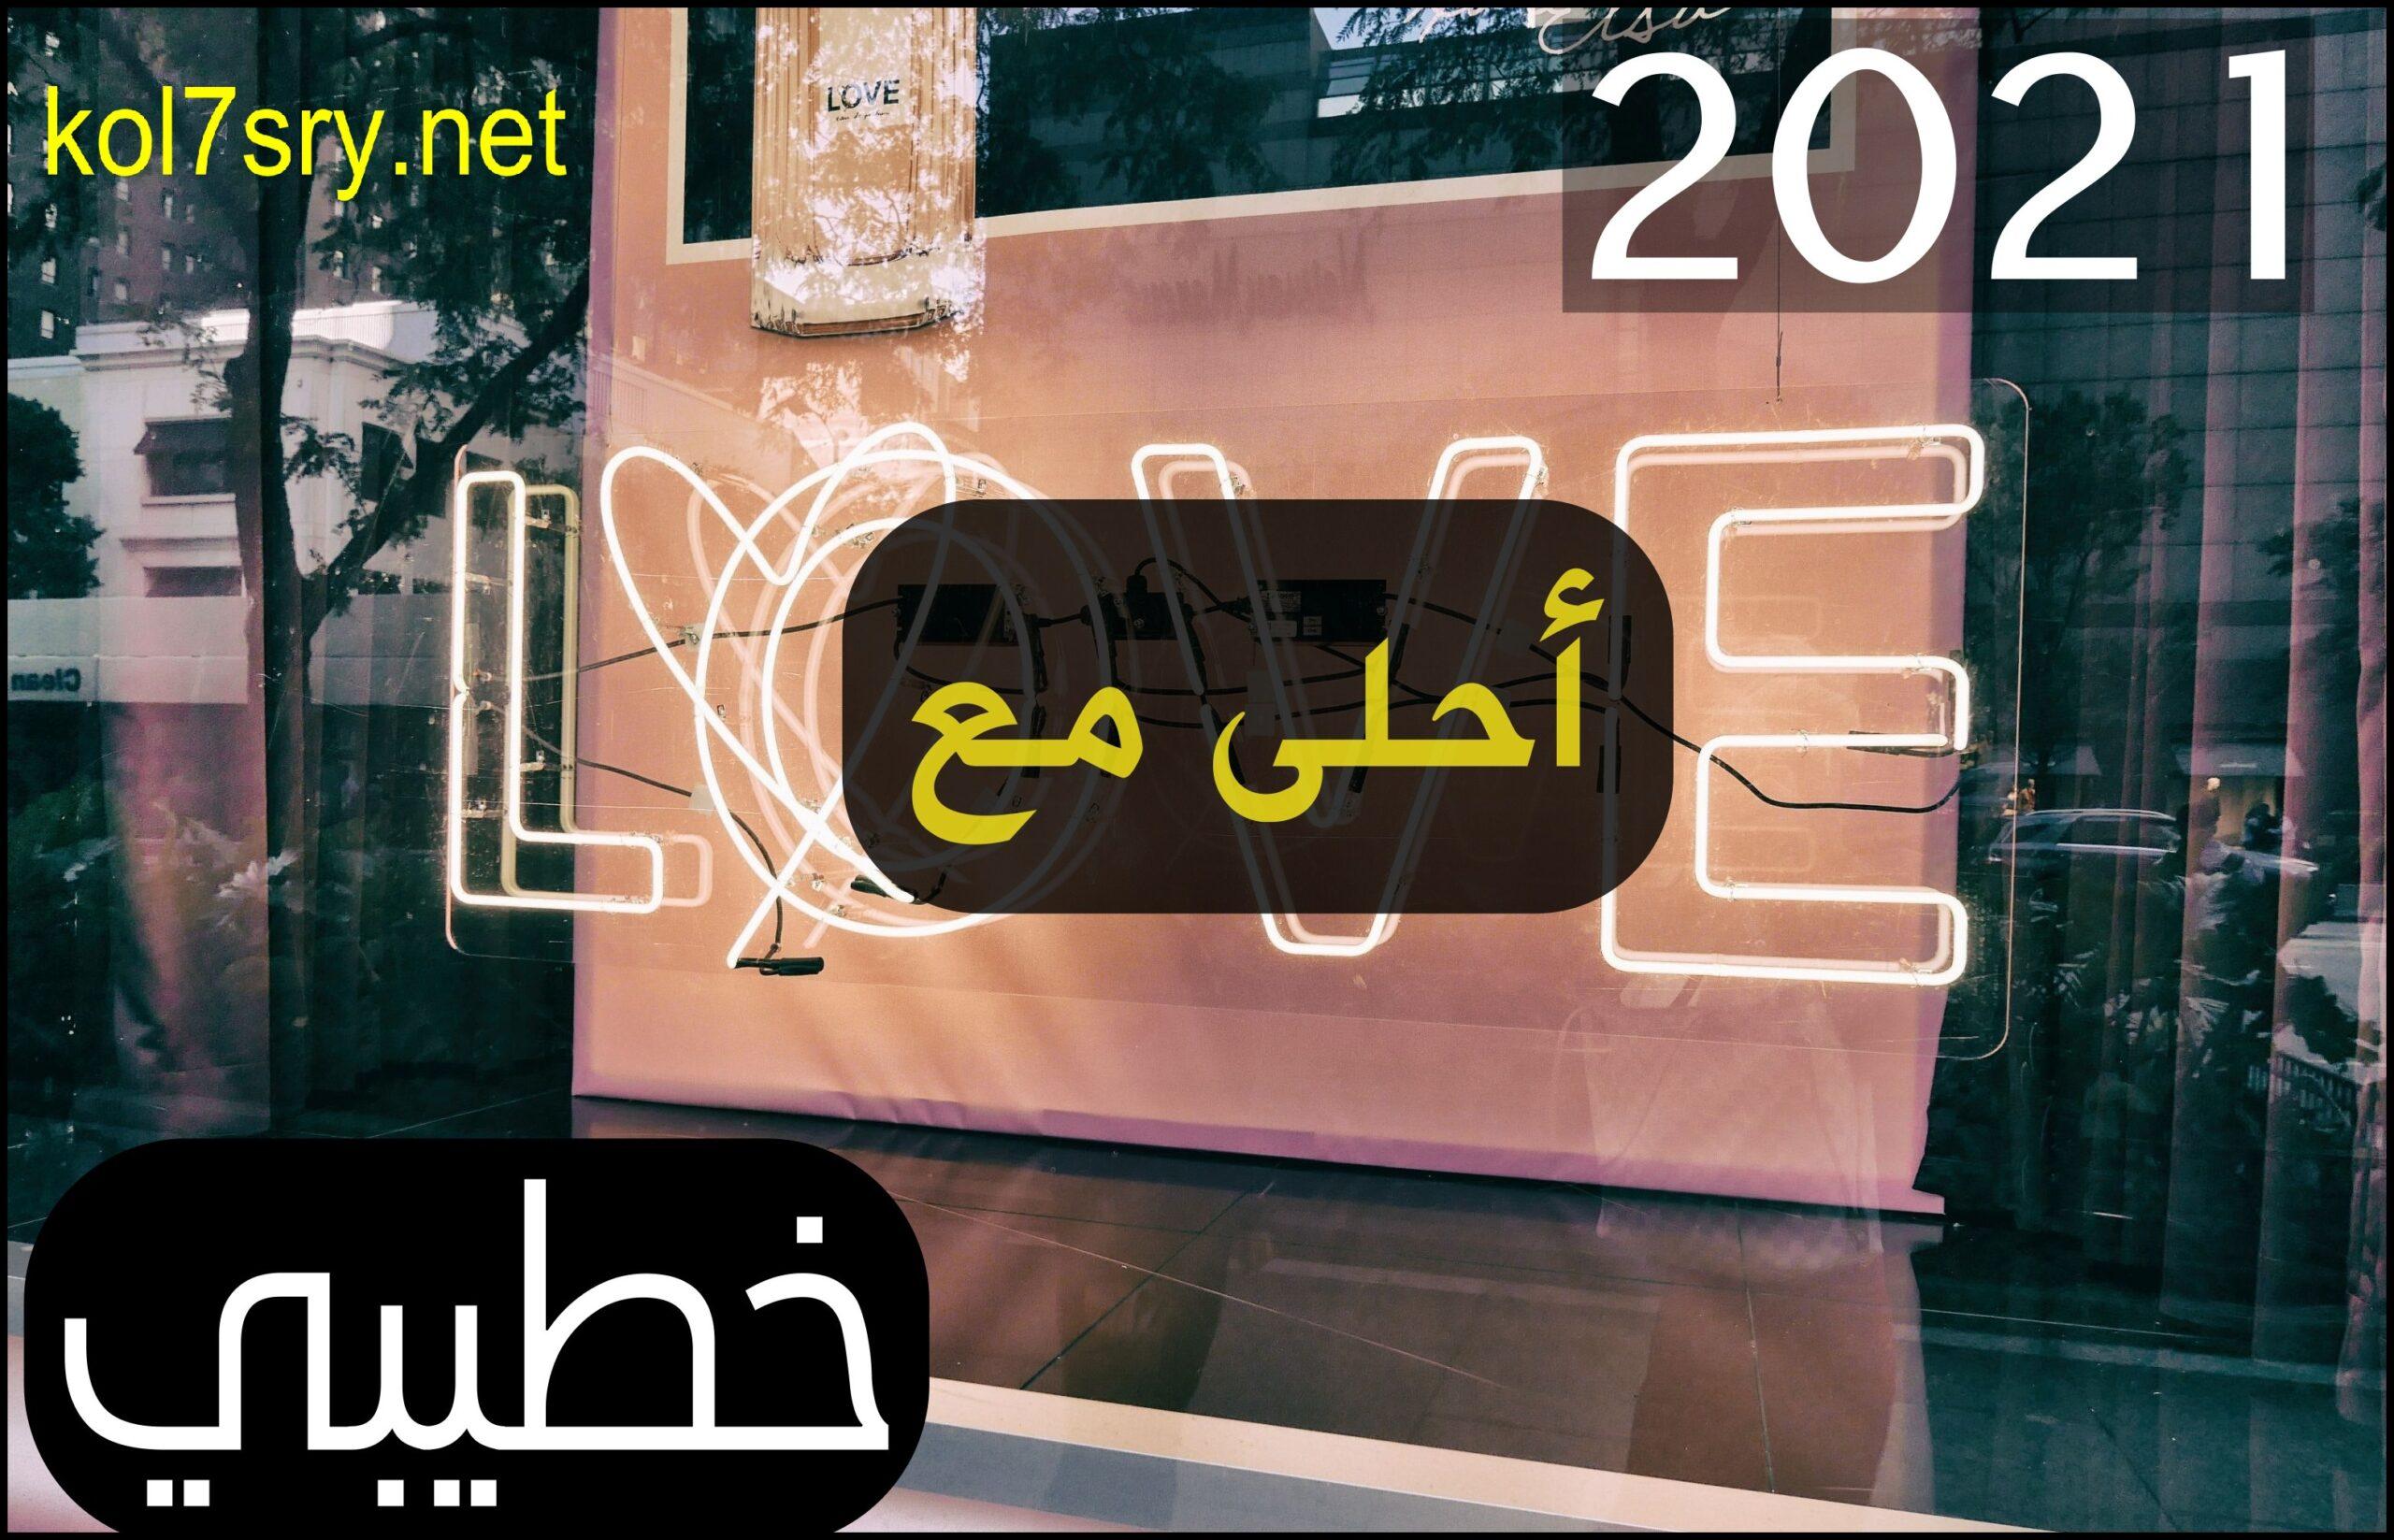 2021 أحلى مع اسمك أجمل 40 صورة HD لعام 2021 احلى مع مجانا اطلب التصميم بالتعليقات 16